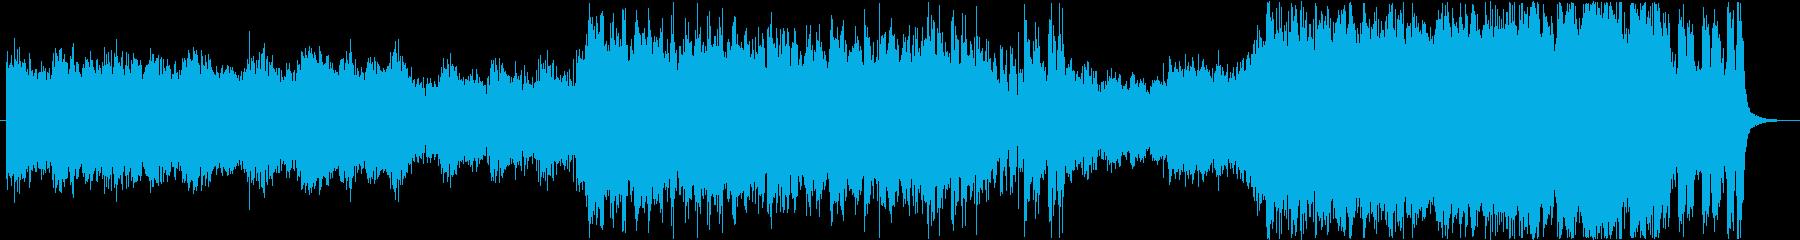 躍動感あるれるハリウッド系BGMの再生済みの波形